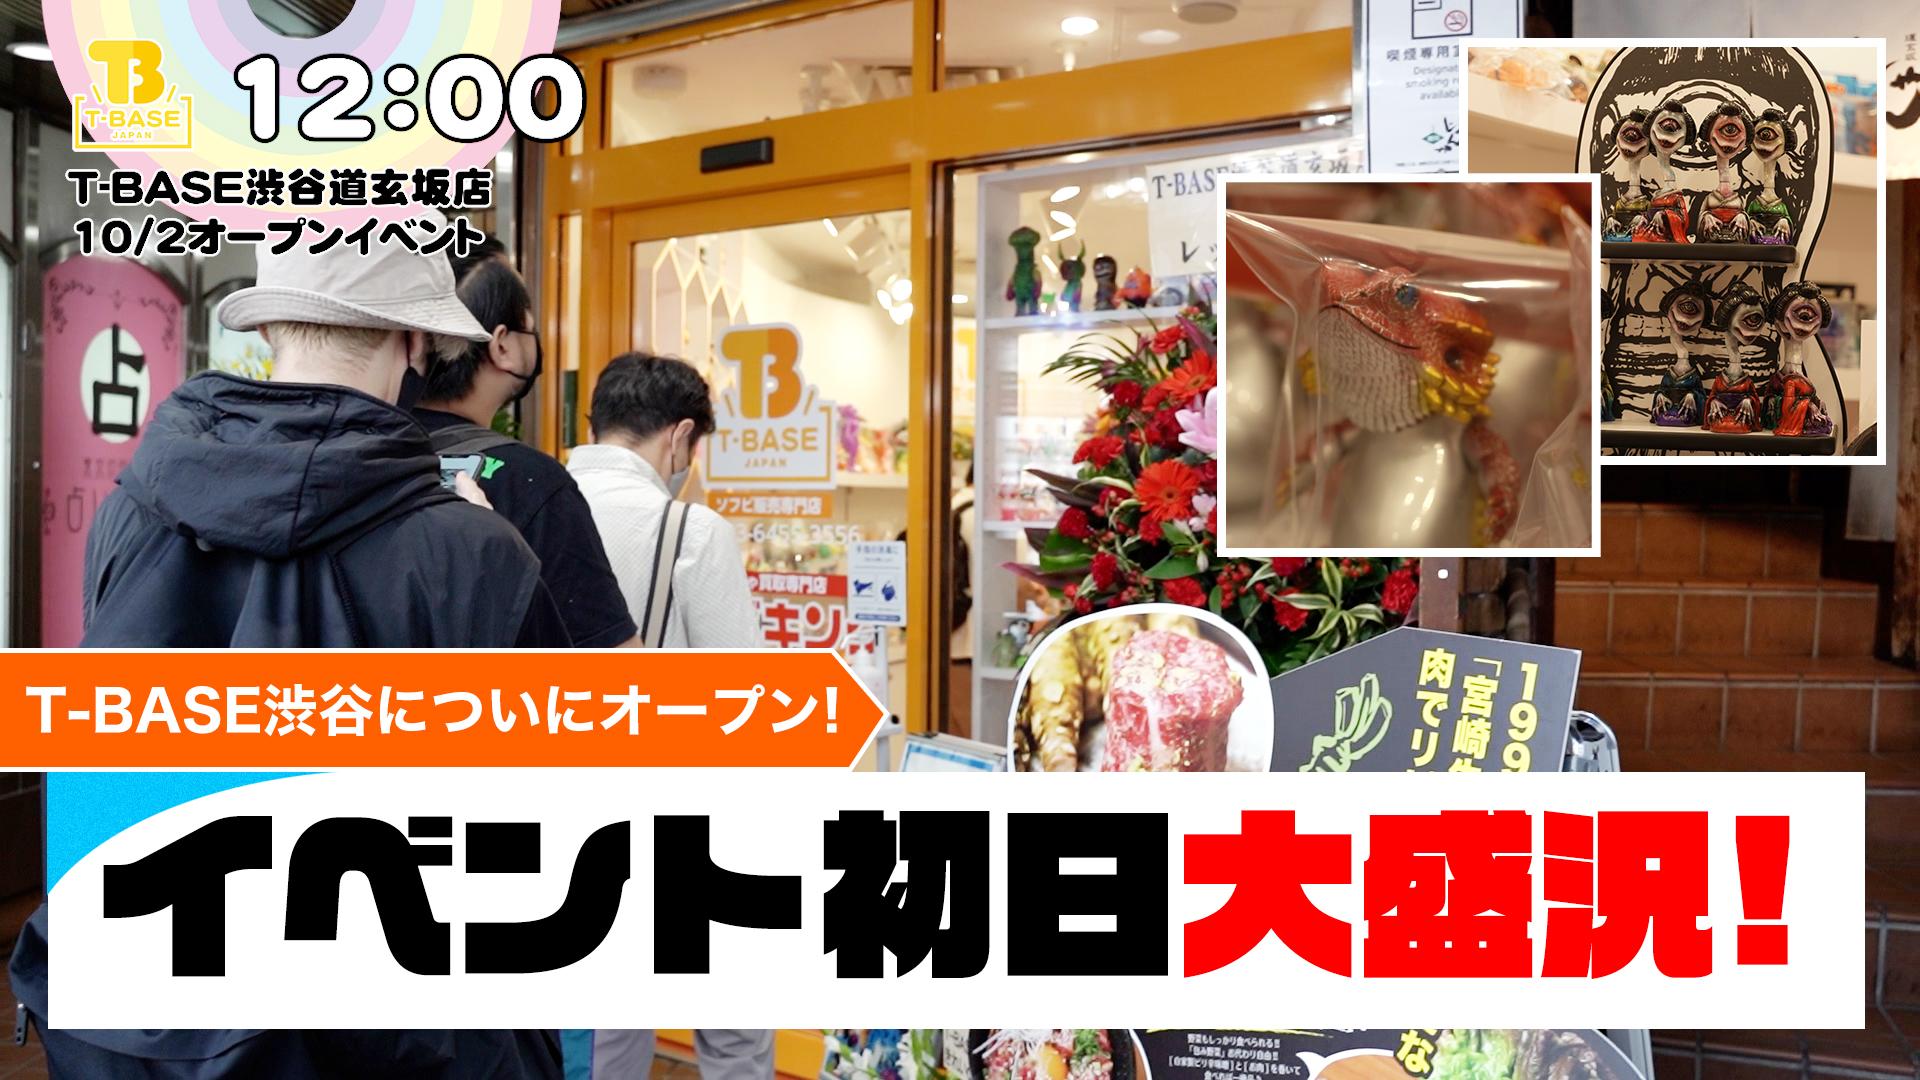 T-BASE渋谷道玄坂店、10月2日祝OPEN!初日の様子をまとめました。作家さんインタビューもあり!